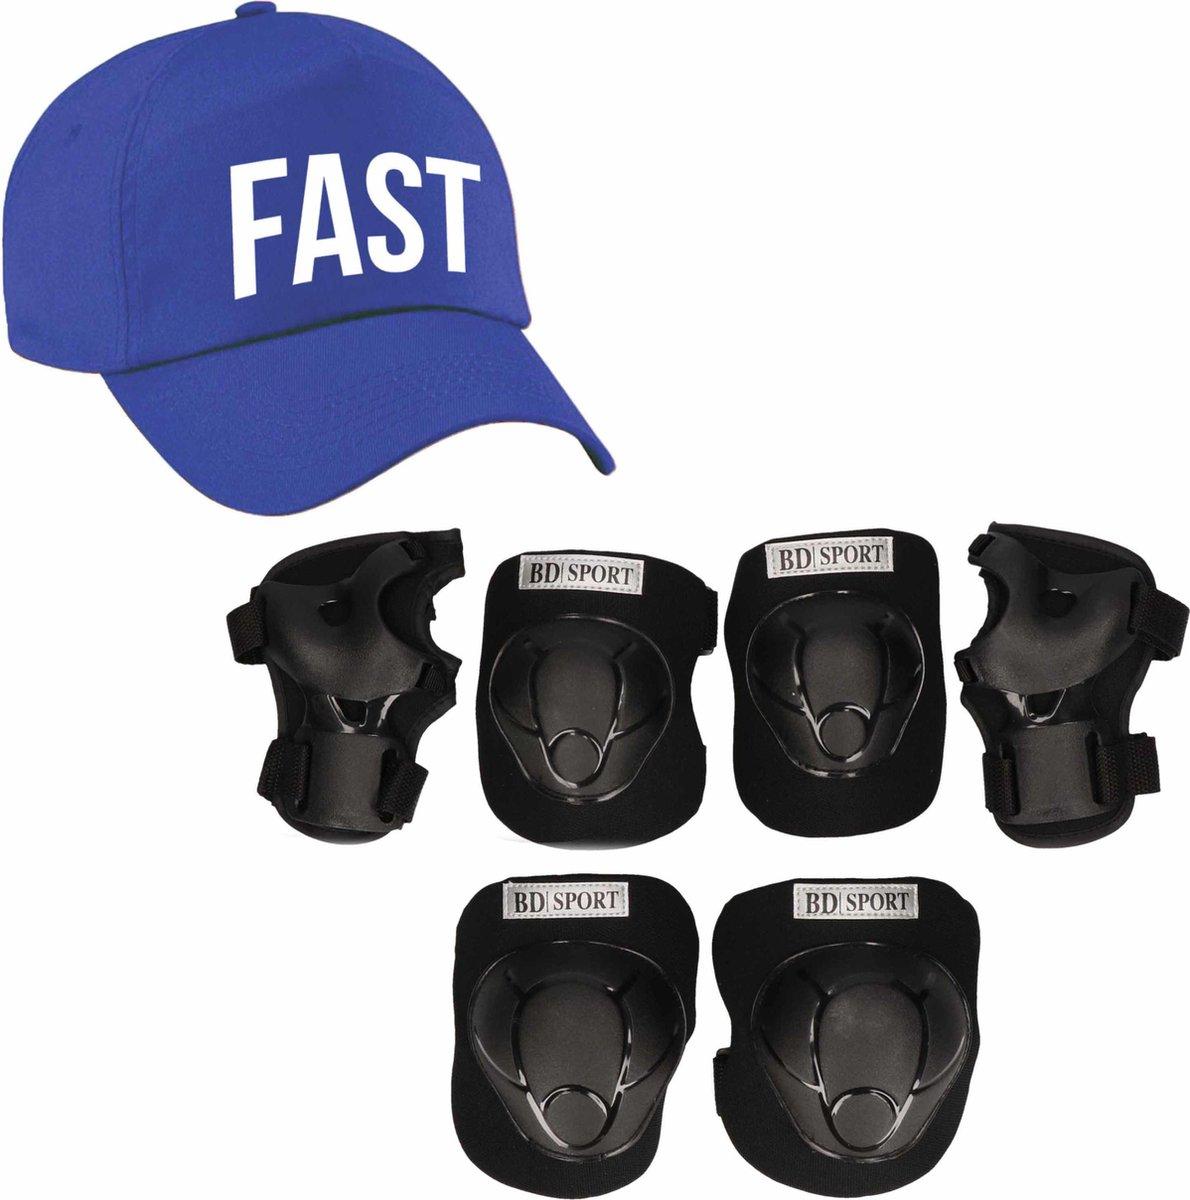 Set van valbescherming voor kinderen maat M / 6 tot 8 jaar met een stoere FAST pet blauw